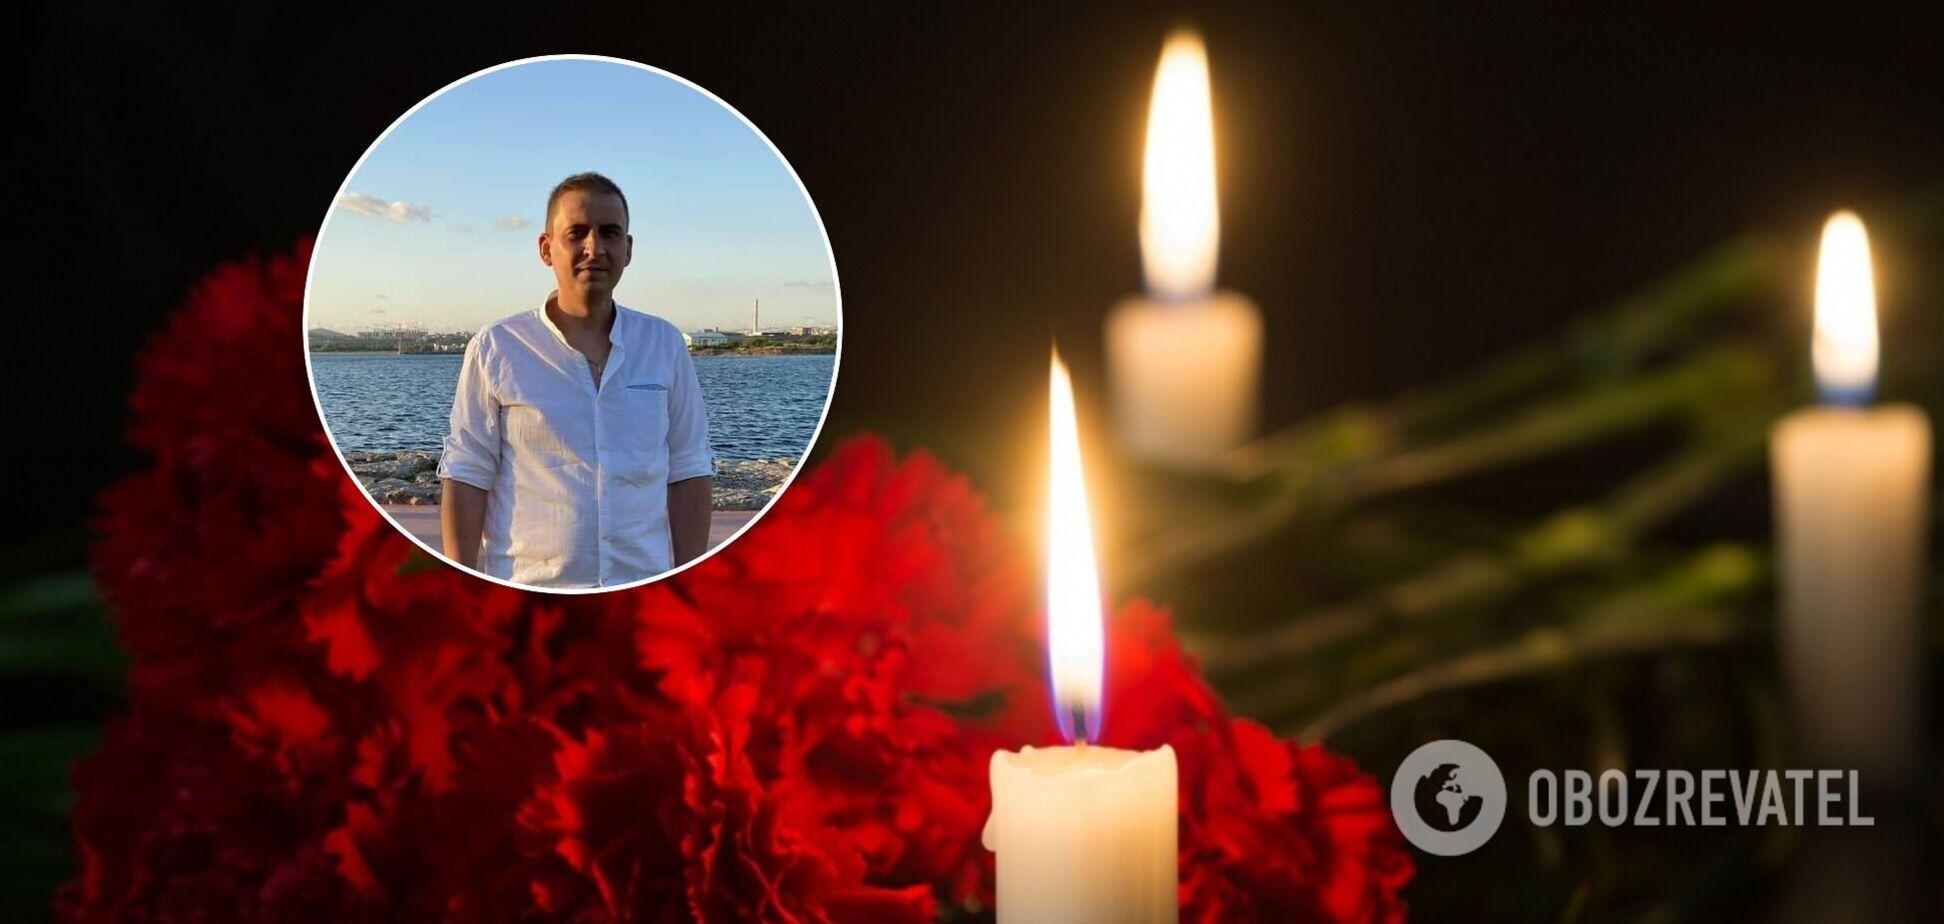 Помер учасник АТО з Волині, який довго боровся з важкою хворобою. Фото